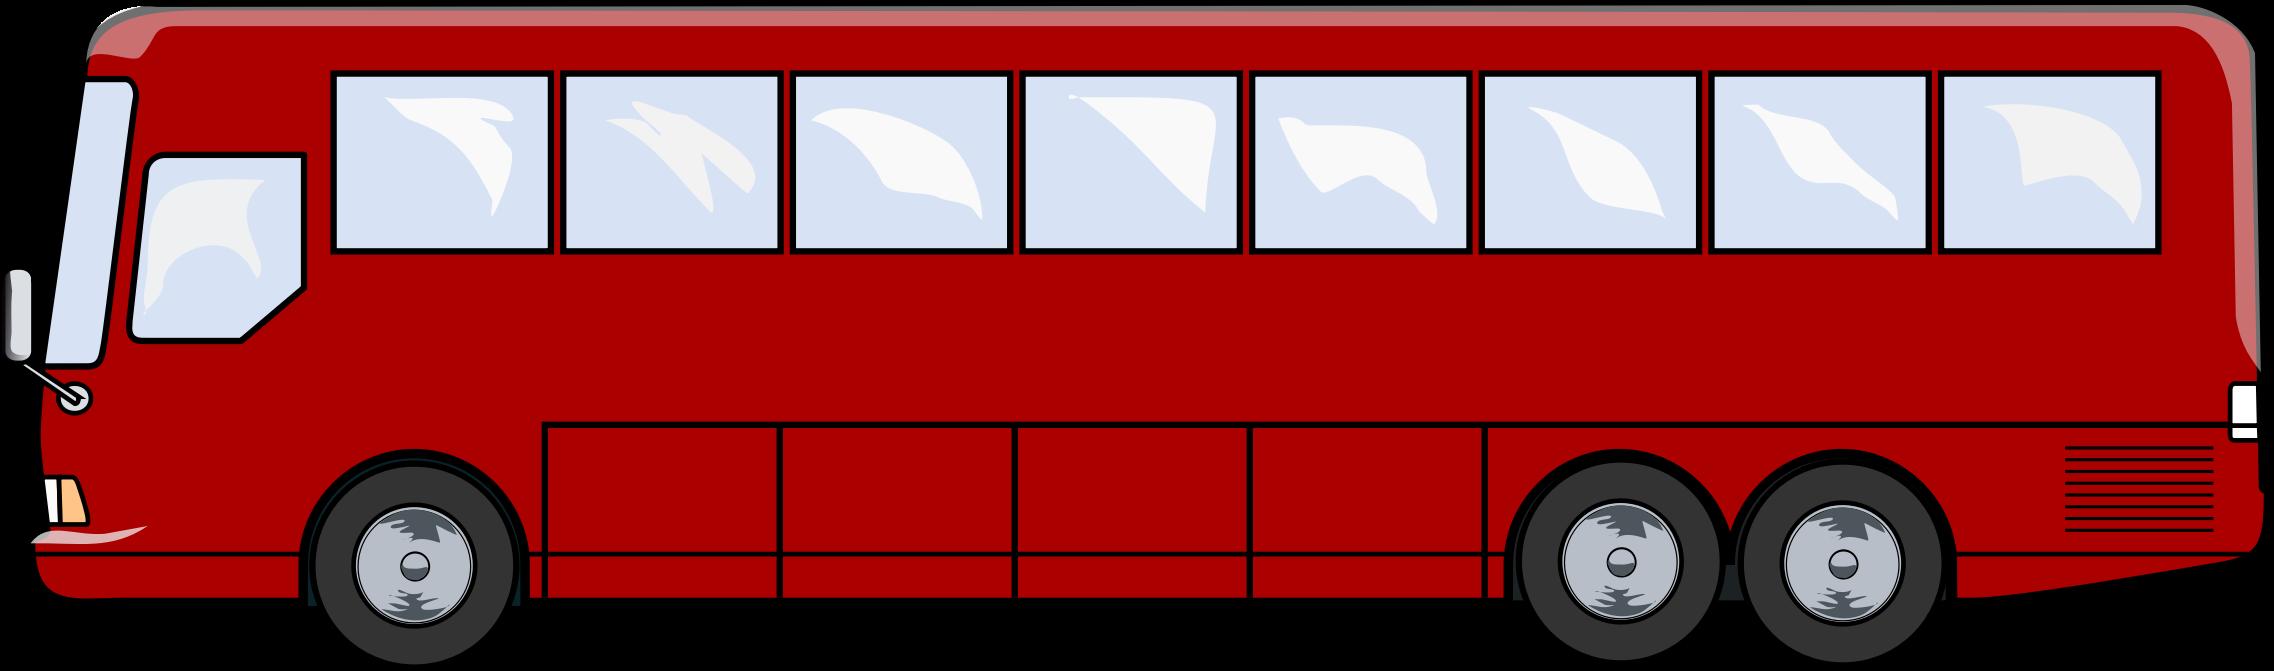 Open Door clipart bus Bus bus Clipart Tour Tour